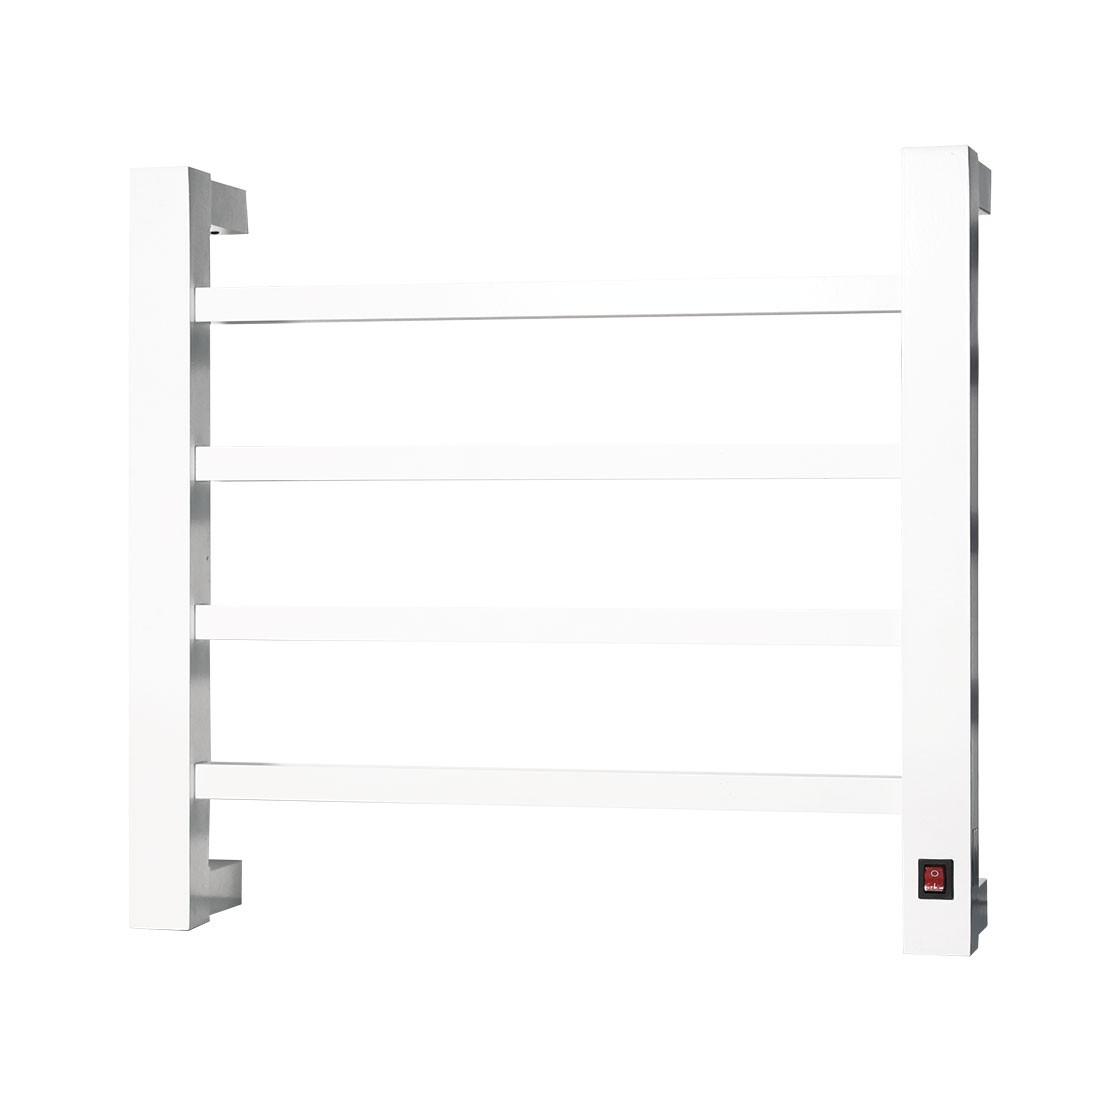 Toalheiro Térmico de Parede Branco Pequeno 42x39cm KEBRPSq para Banheiros e Lavabos